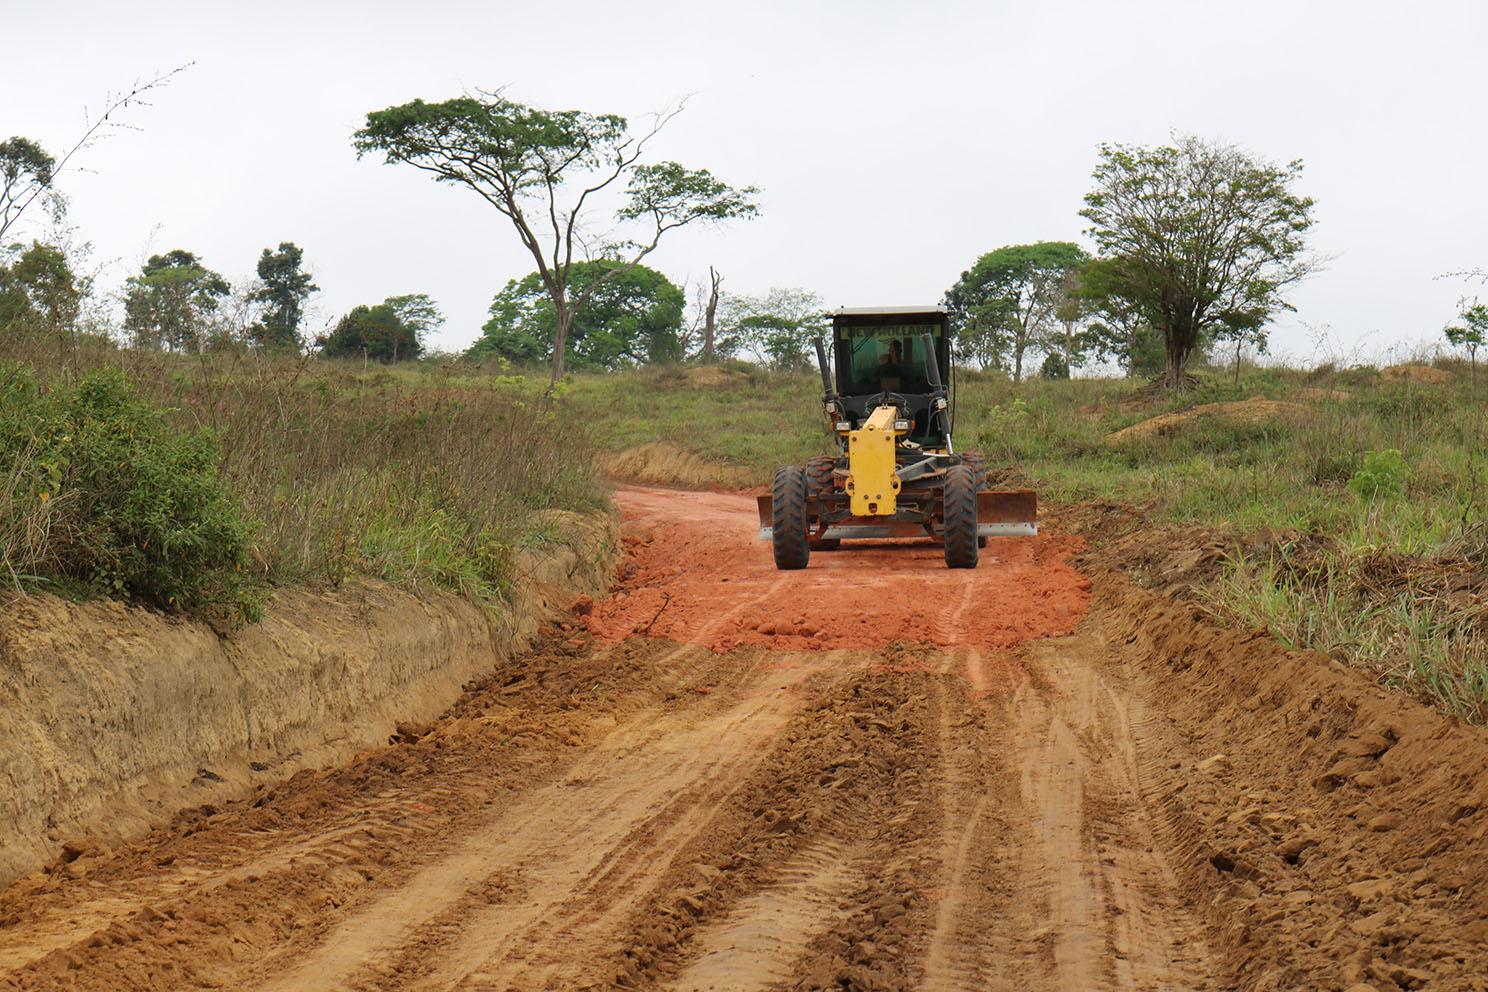 Novos maquinários para intensificar manutenção de estradas no município